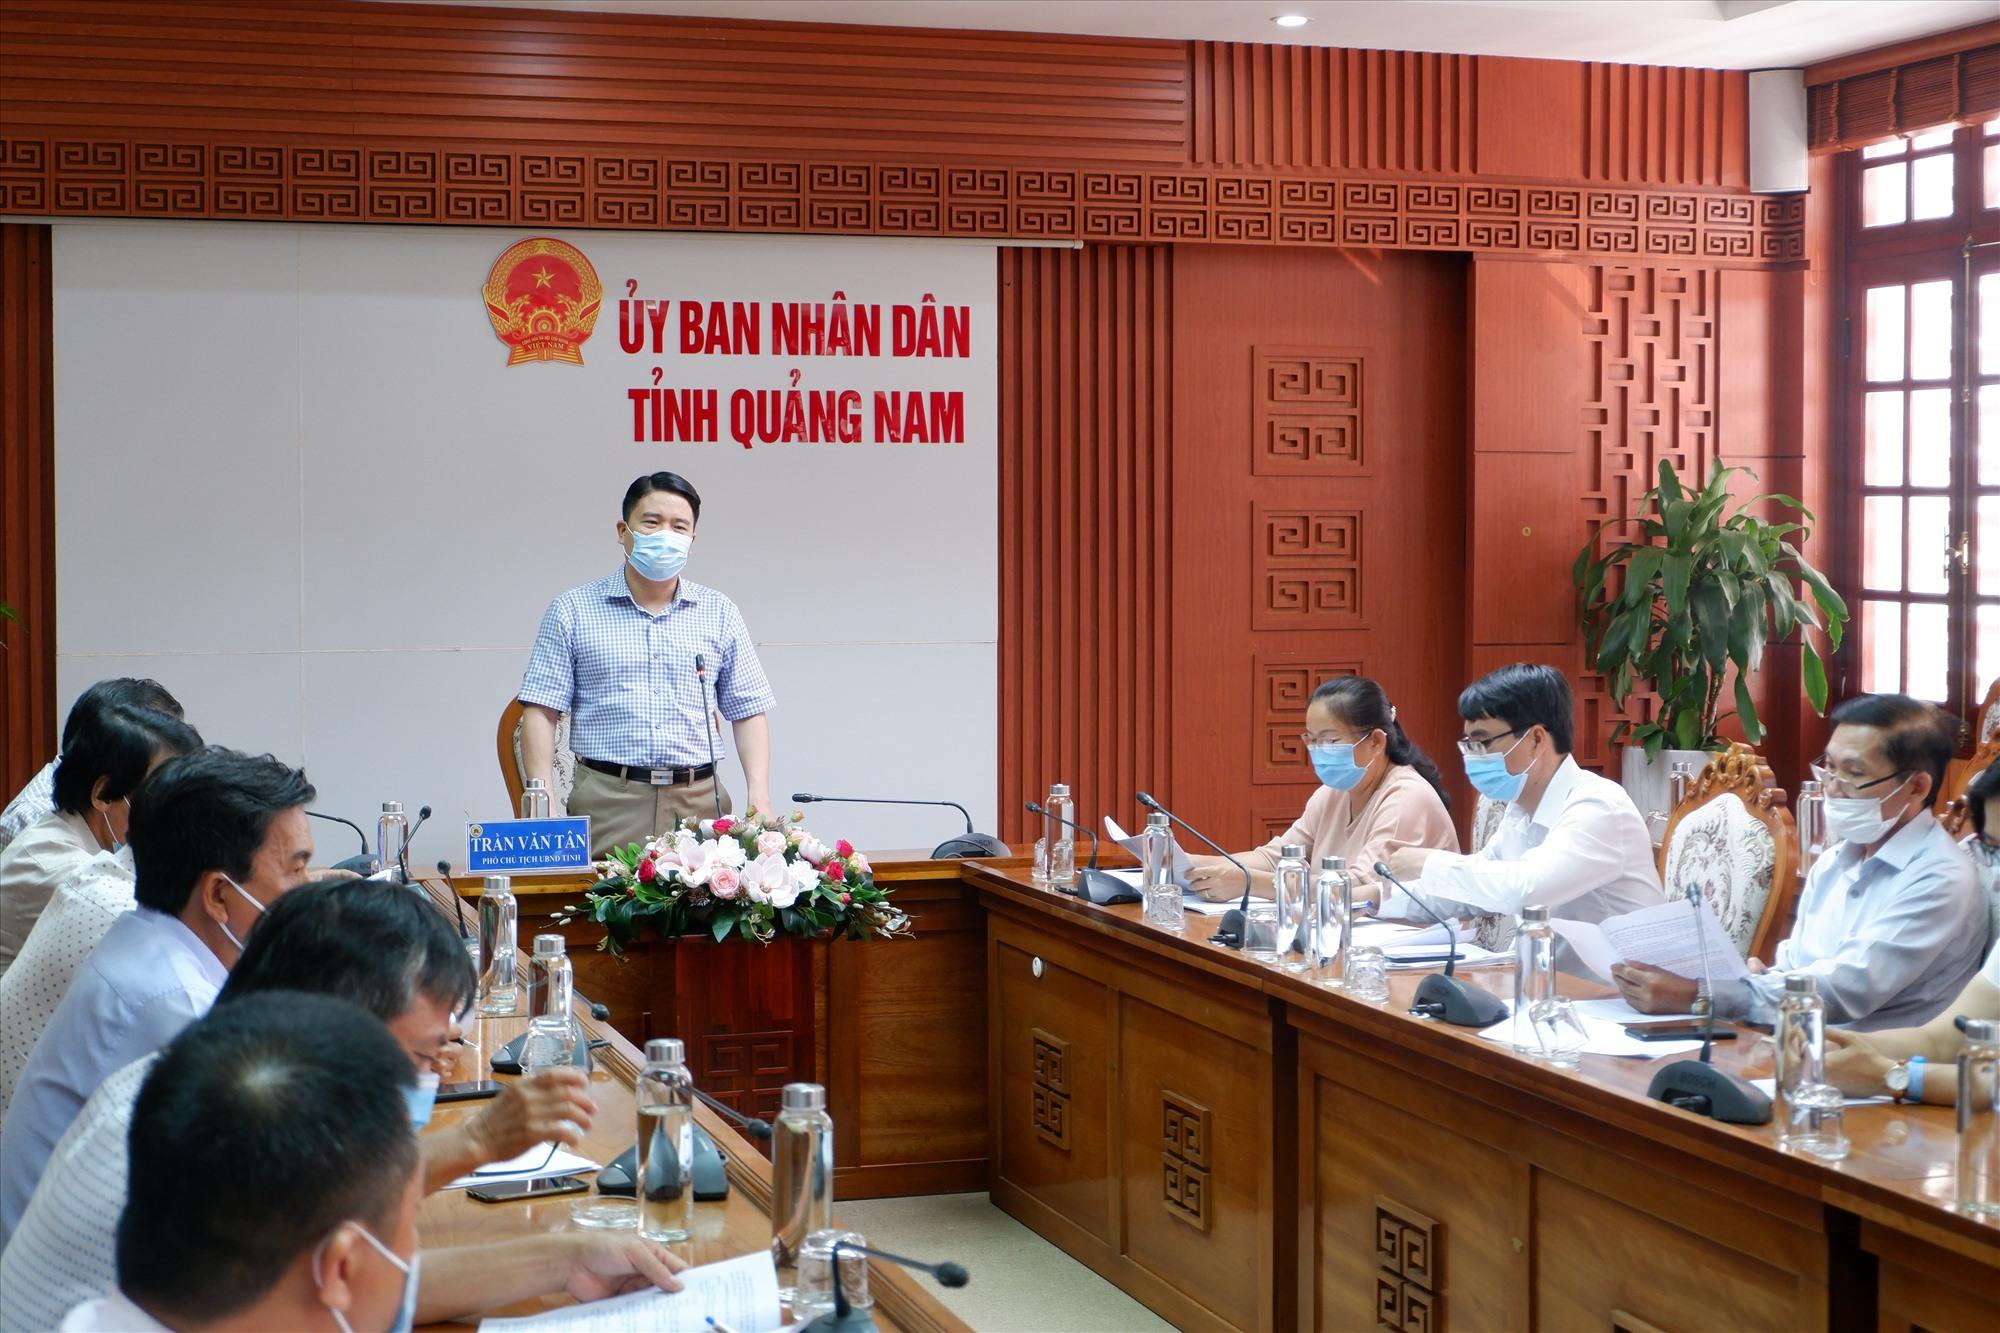 Phó Chủ tịch UBND tỉnh Trần Văn Tân chỉ đạo tại buổi làm việc sáng 22.6. Ảnh: X.H